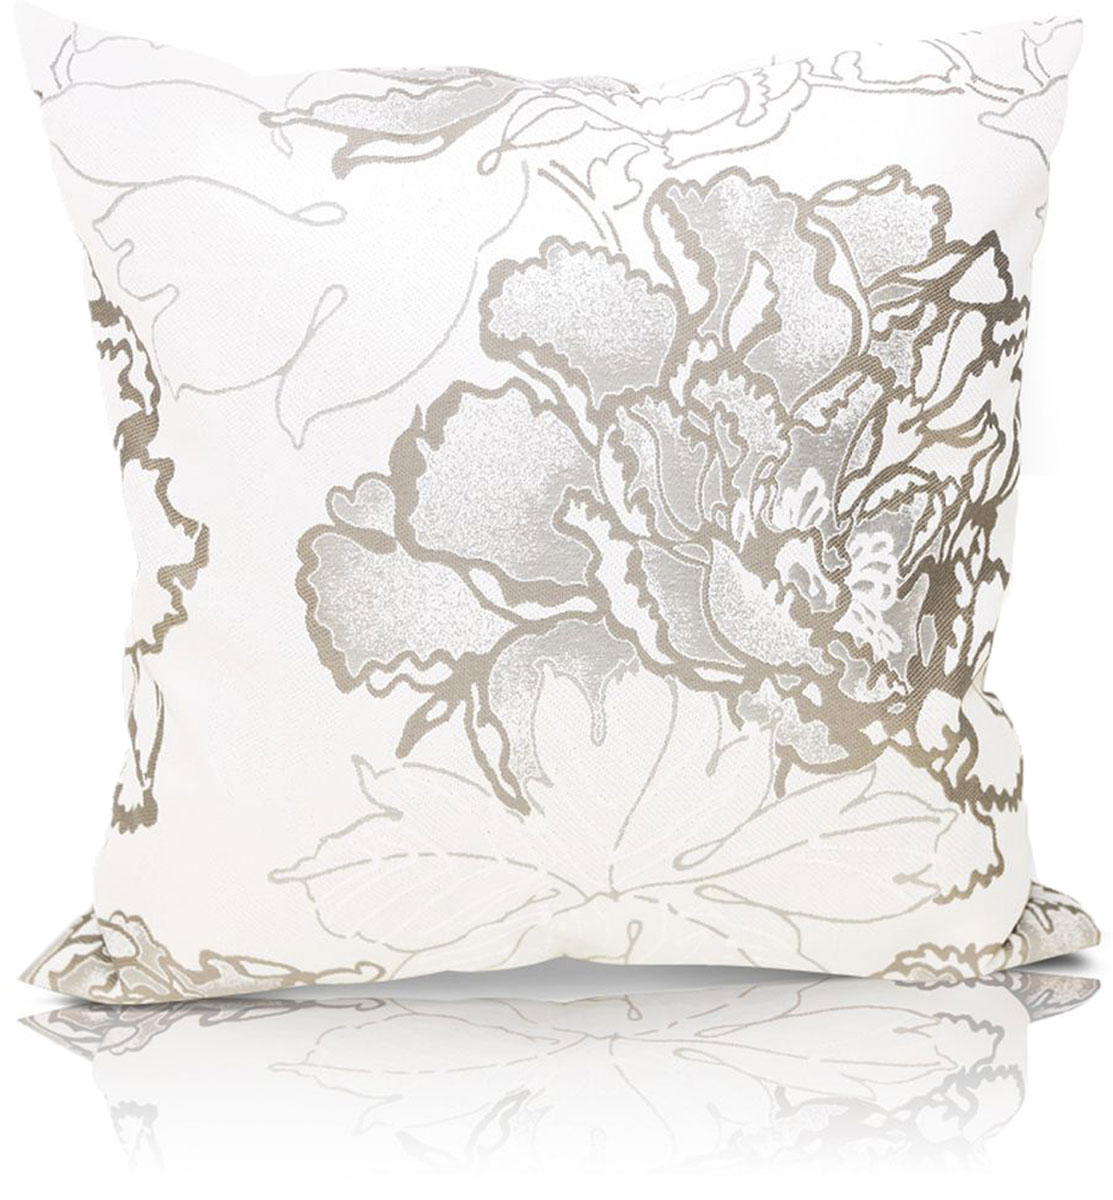 Подушка декоративная KauffOrt Рапсодия, цвет: бежевый, серый, 40 x 40 см3121502630Декоративная подушка Рапсодия прекрасно дополнит интерьер спальни или гостиной.Чехолподушки выполнен из жаккардовой ткани. Внутри находится мягкий наполнитель. Чехоллегко снимаетсяблагодаря потайной молнии.